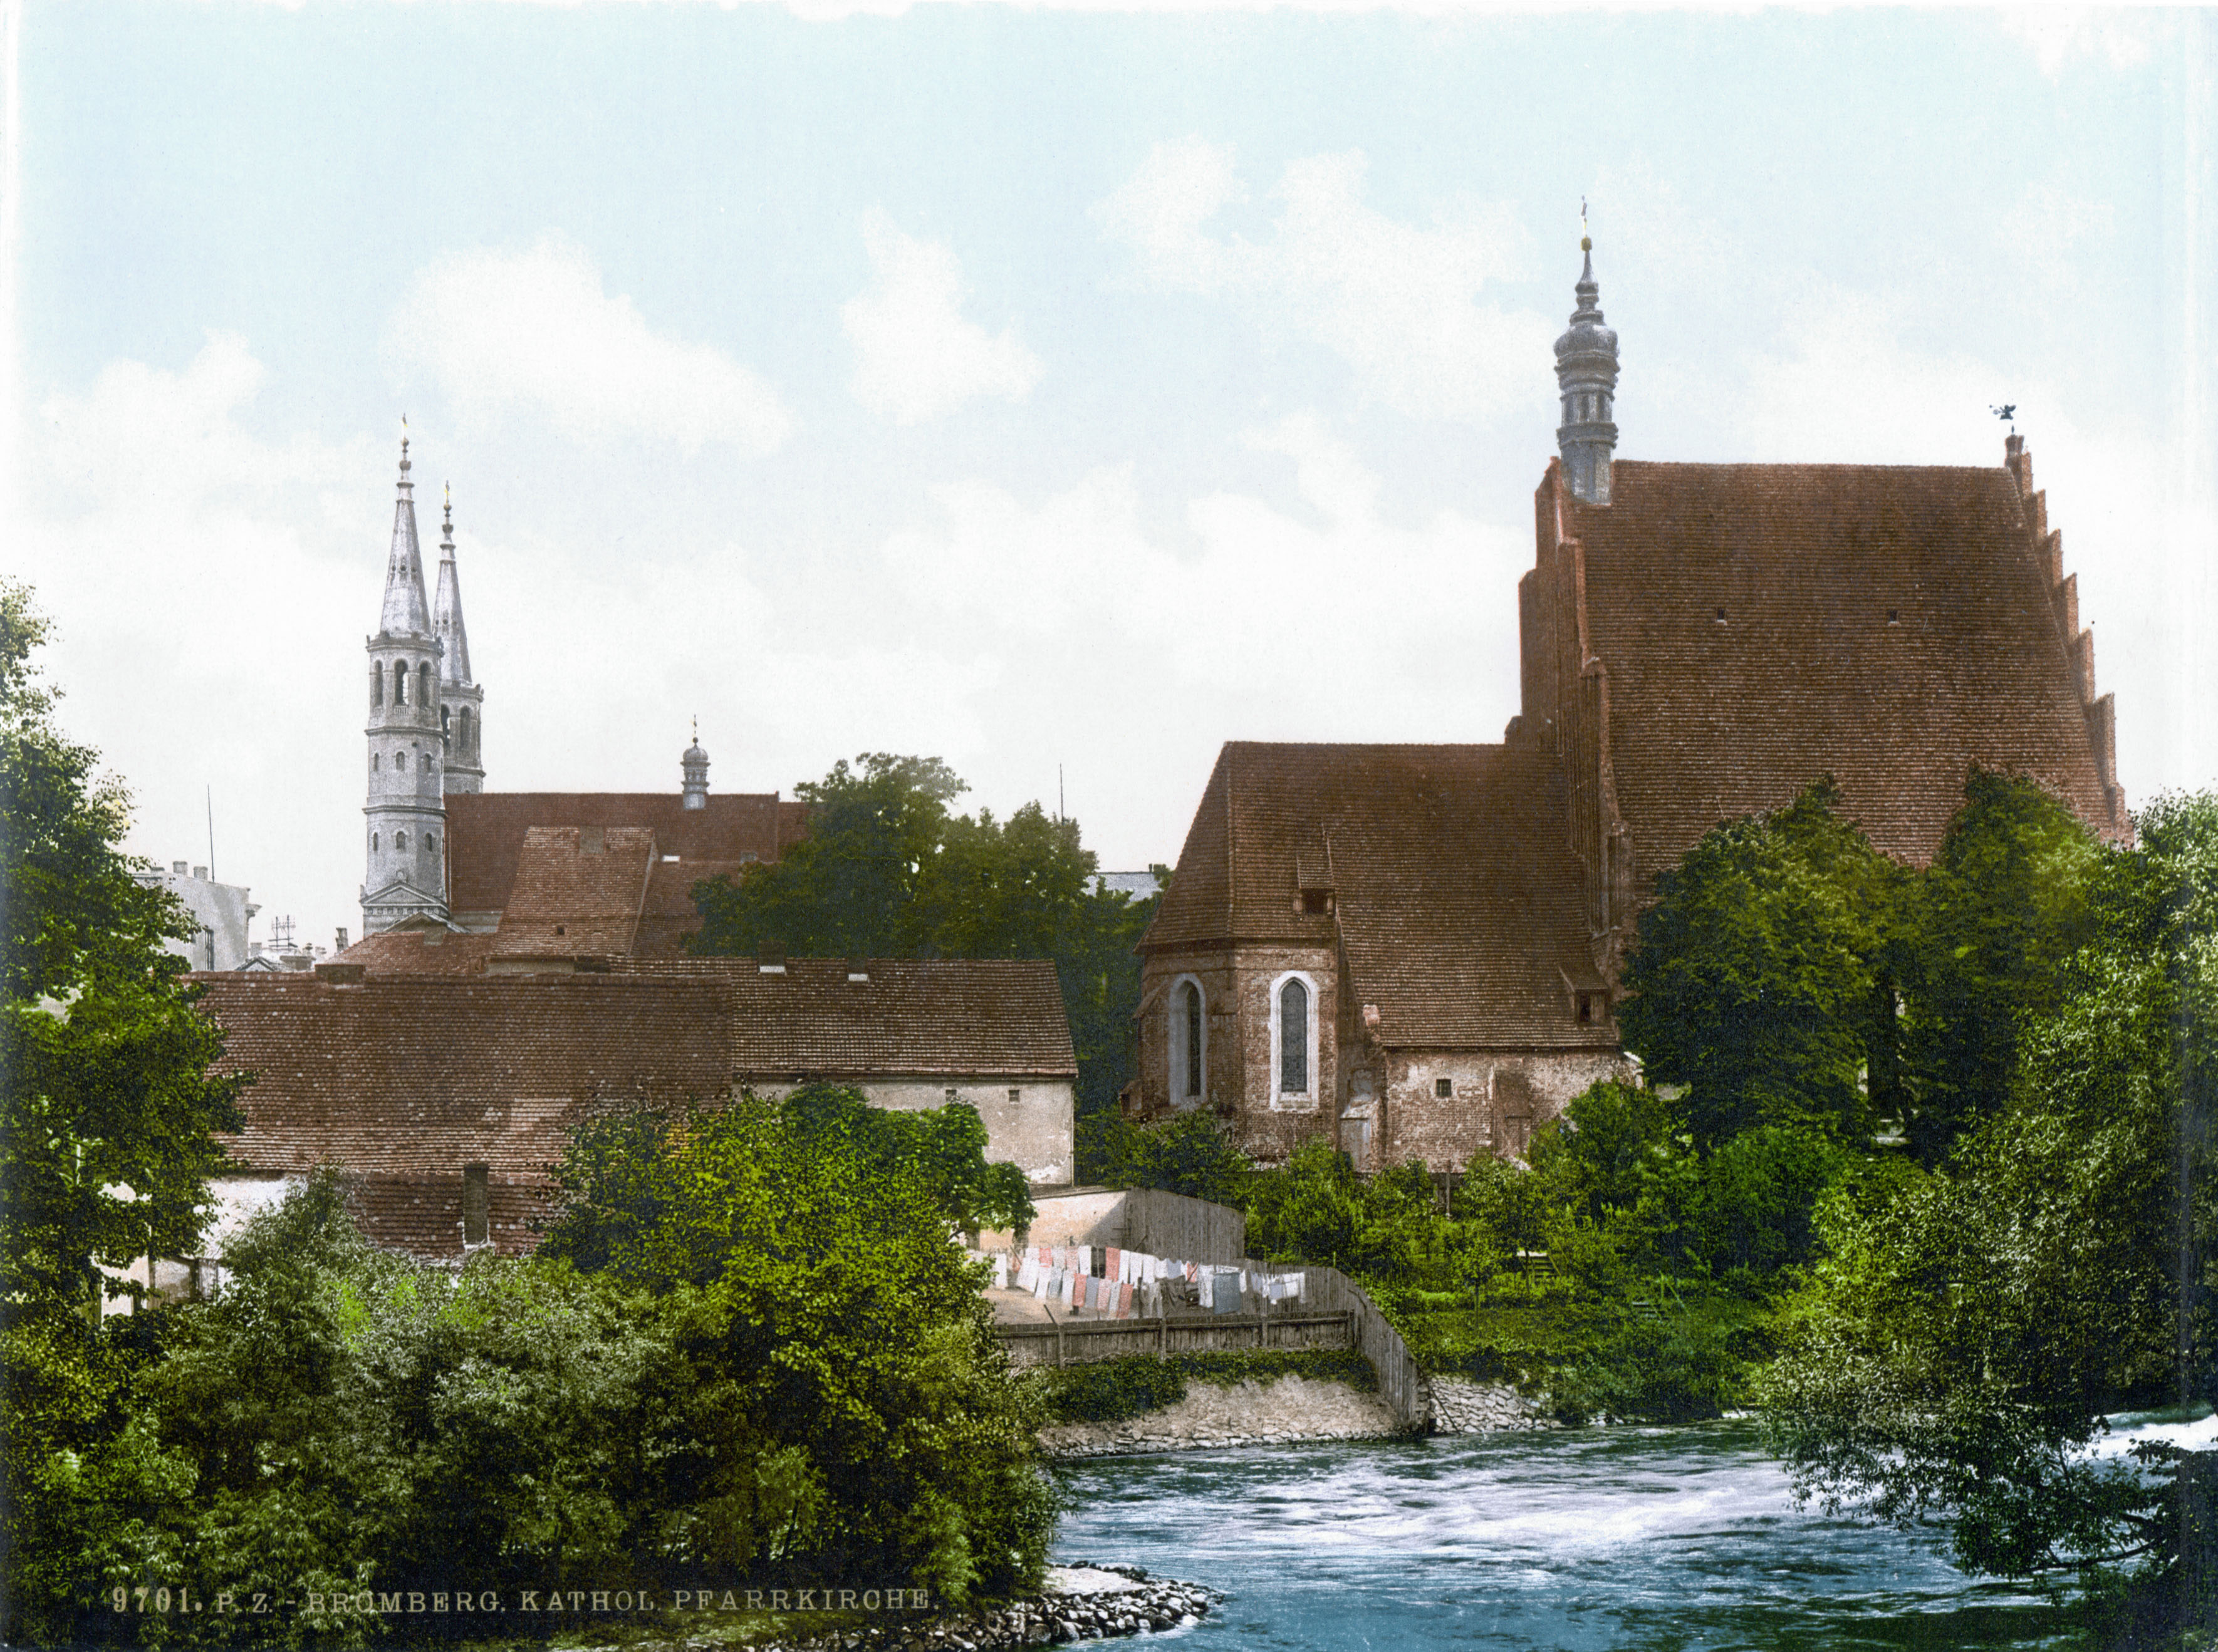 pfarr_church_bromberg_1900_2.jpg